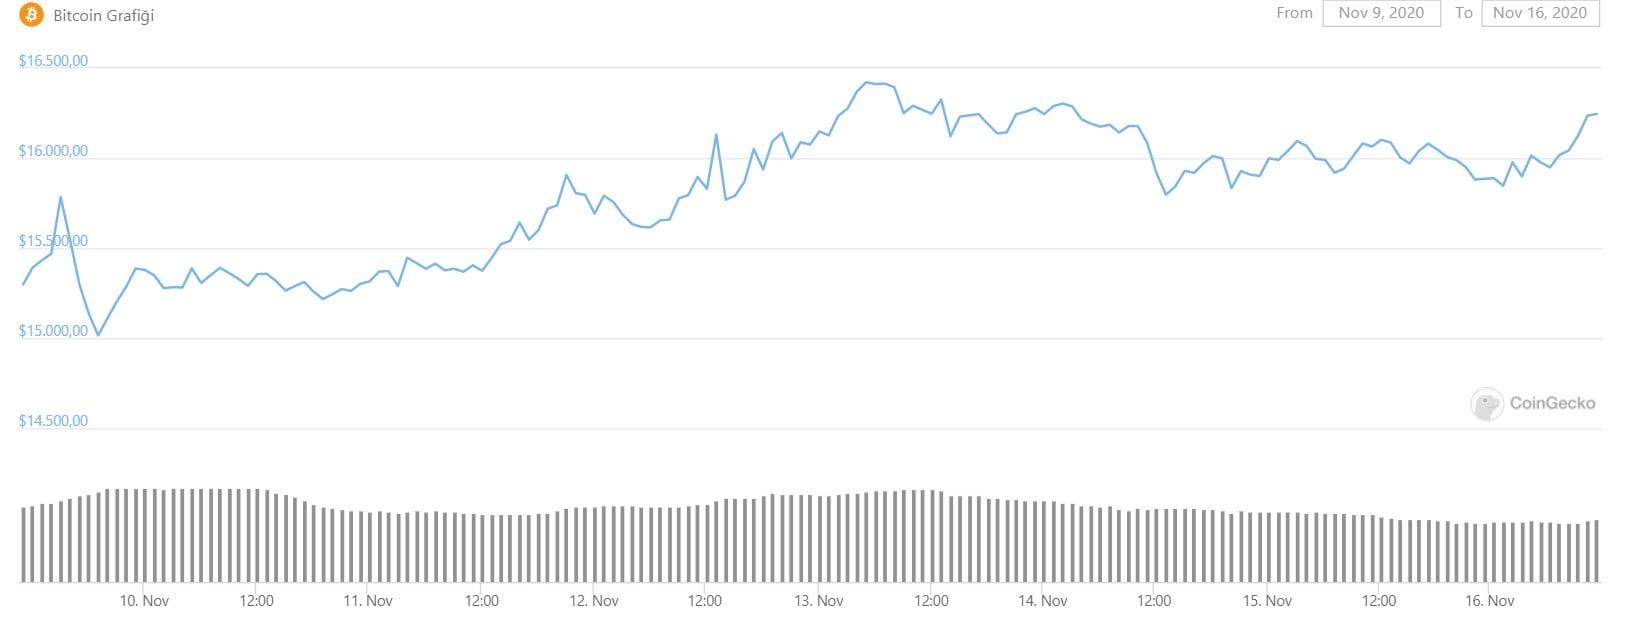 Haftalik-Bitcoin-Haberleri-16-22-Kasim